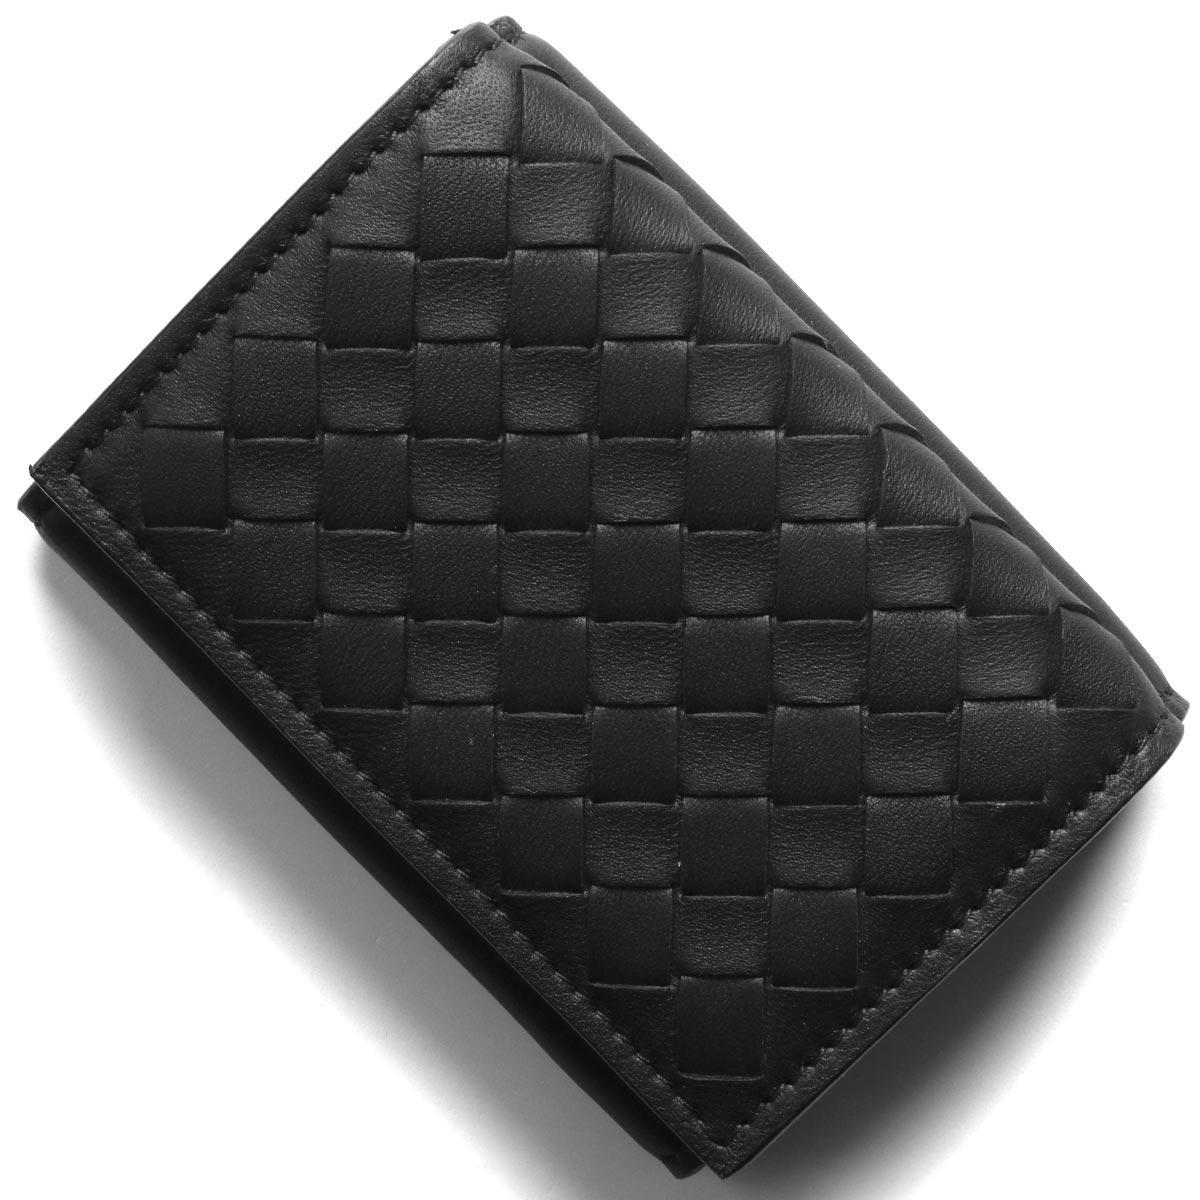 ボッテガヴェネタ (ボッテガ・ヴェネタ) 三つ折り財布/ミニ財布 財布 メンズ イントレチャート ナッパ ブラック&ニューライトグレー 515385 VO0B2 8885 BOTTEGA VENETA